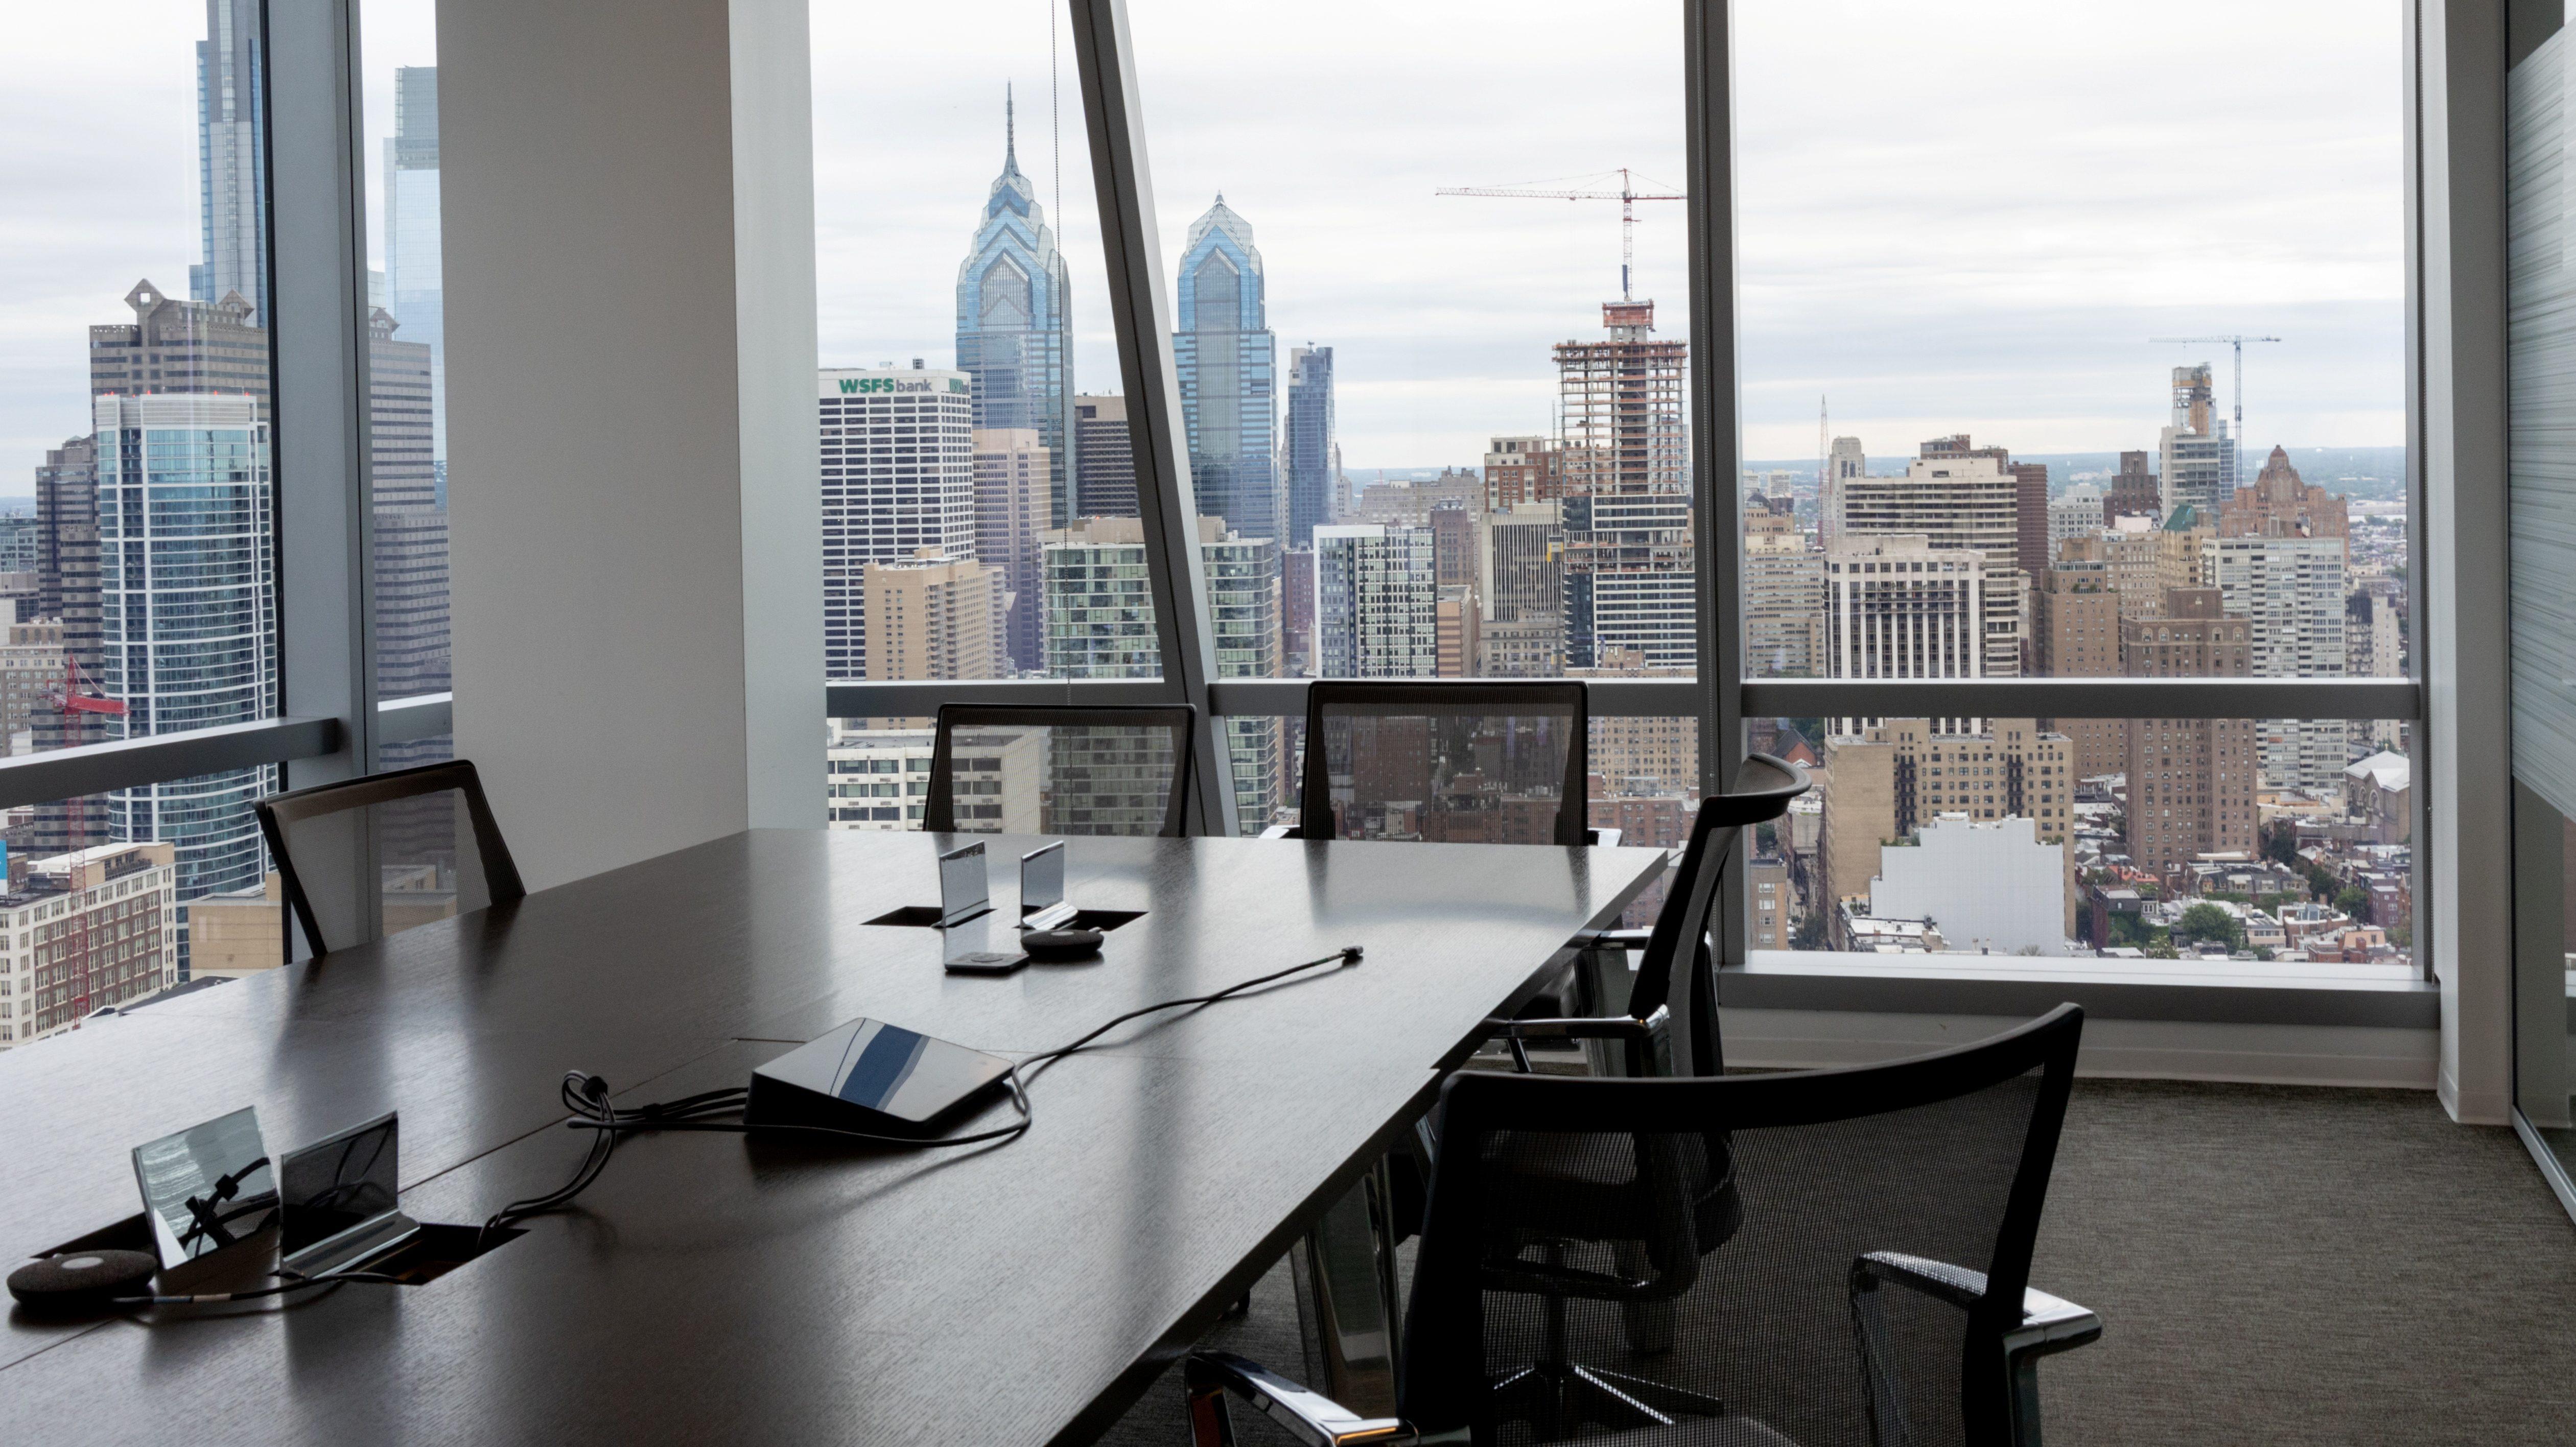 People return to work in Philadelphia